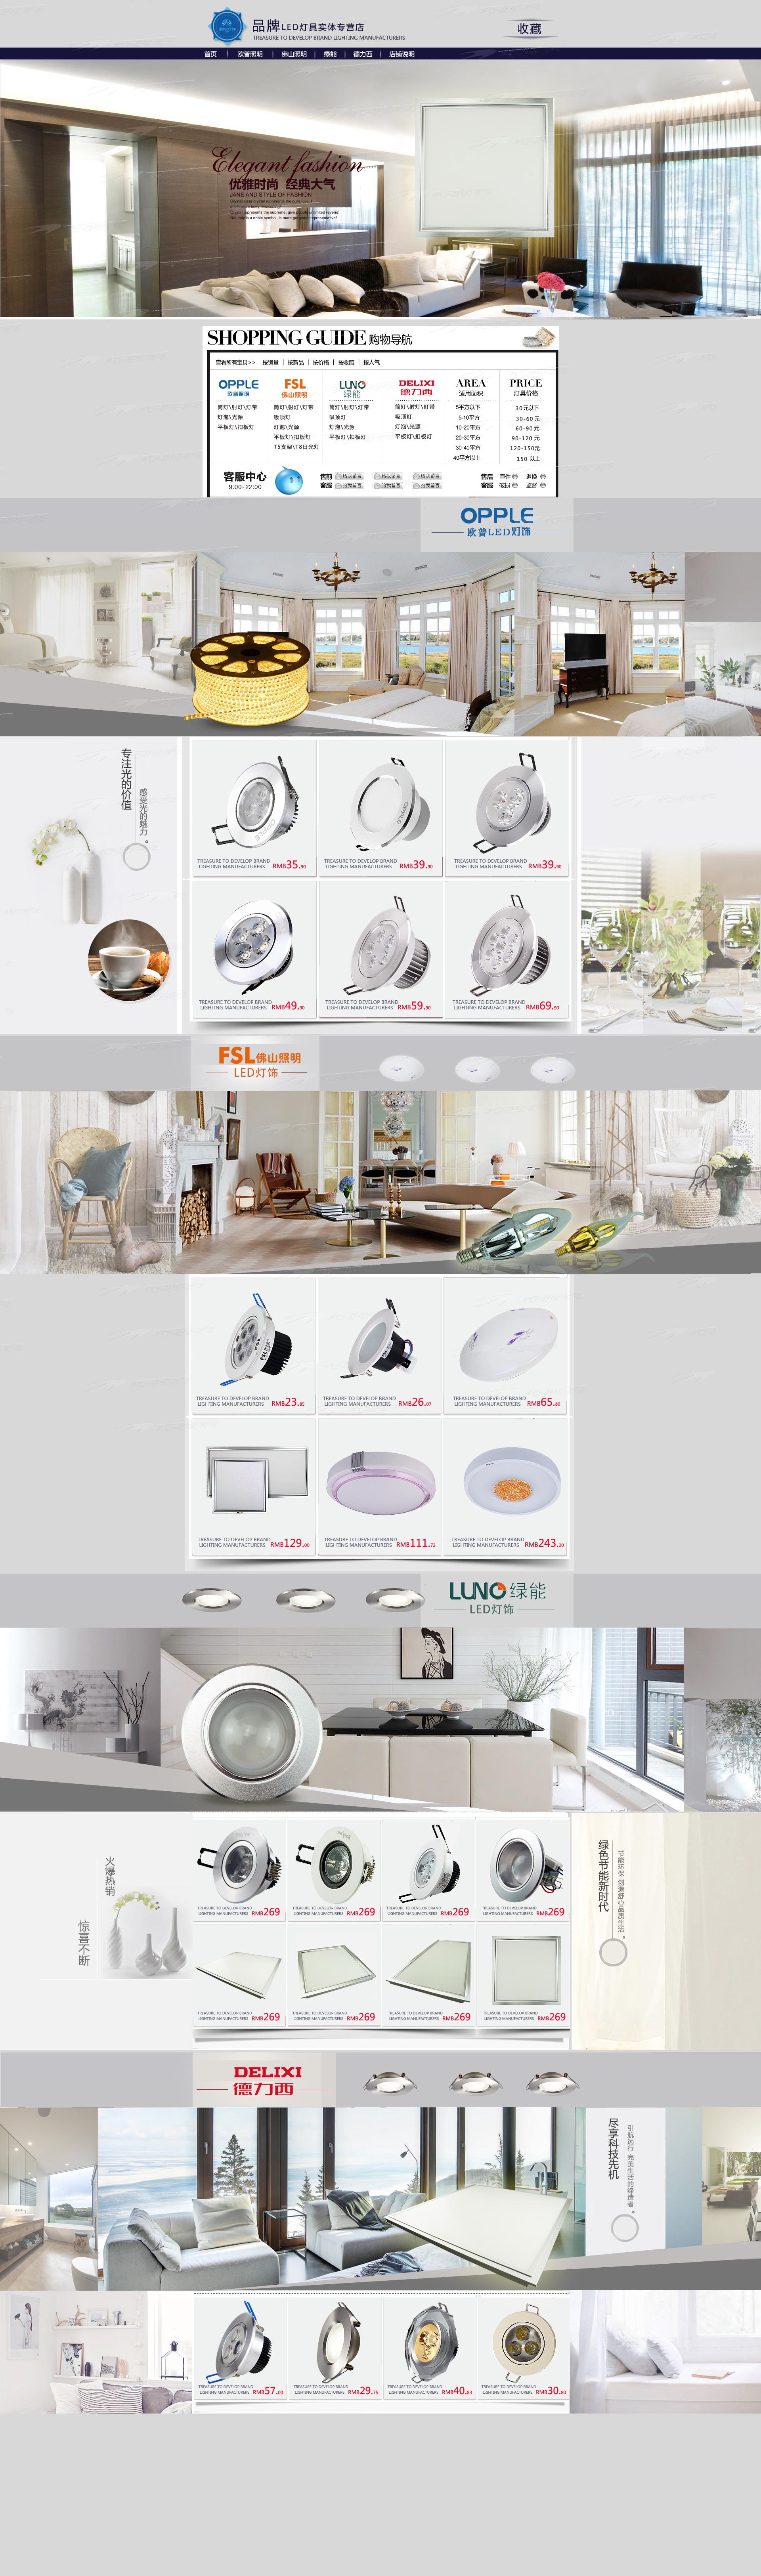 李勤学作品之电商首页制作 灯具 简洁 清新 品牌 排版图片